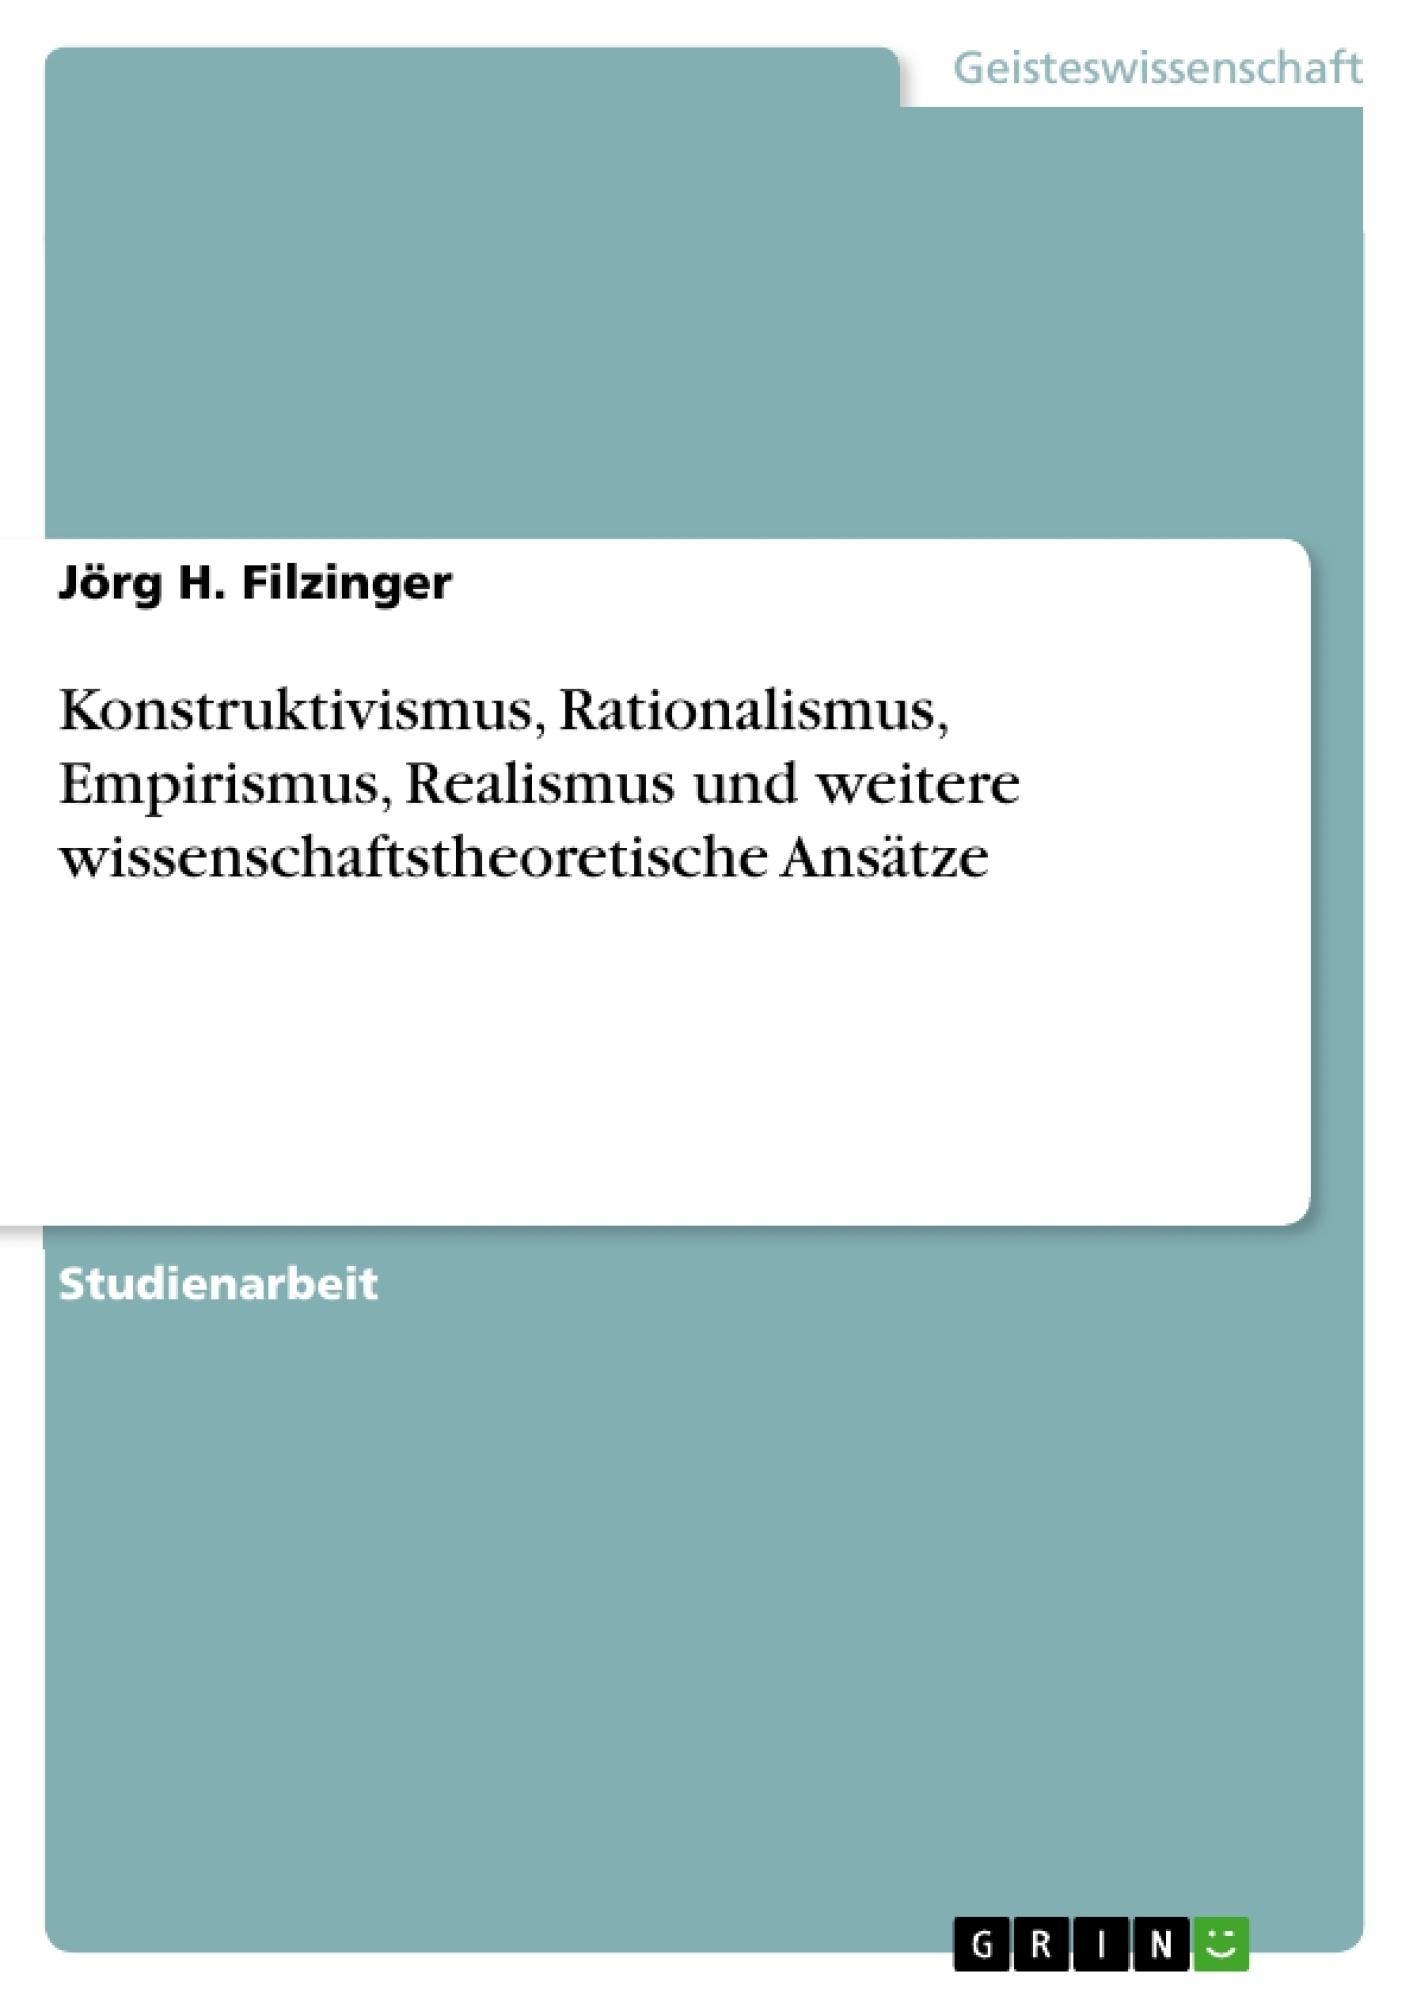 Titel: Konstruktivismus, Rationalismus, Empirismus, Realismus und weitere wissenschaftstheoretische Ansätze